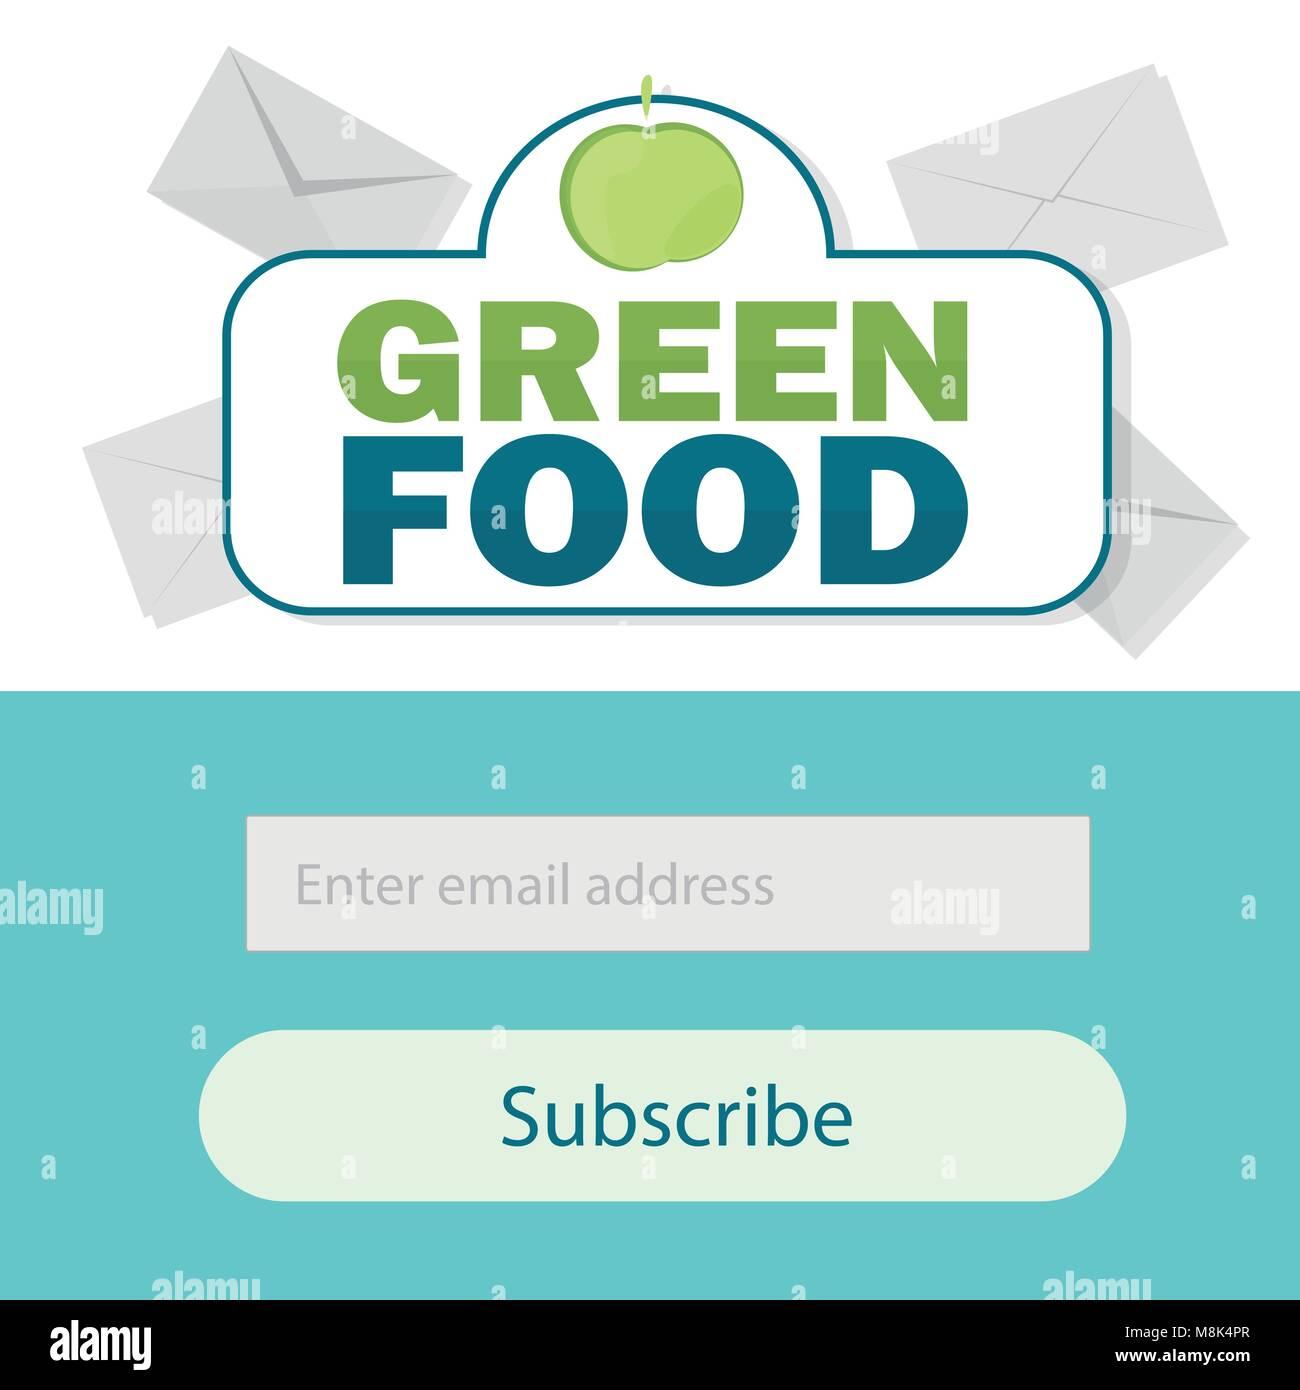 Plantilla vectorial email suscribirse. Enviar el formulario por correo electrónico web banner Imagen De Stock